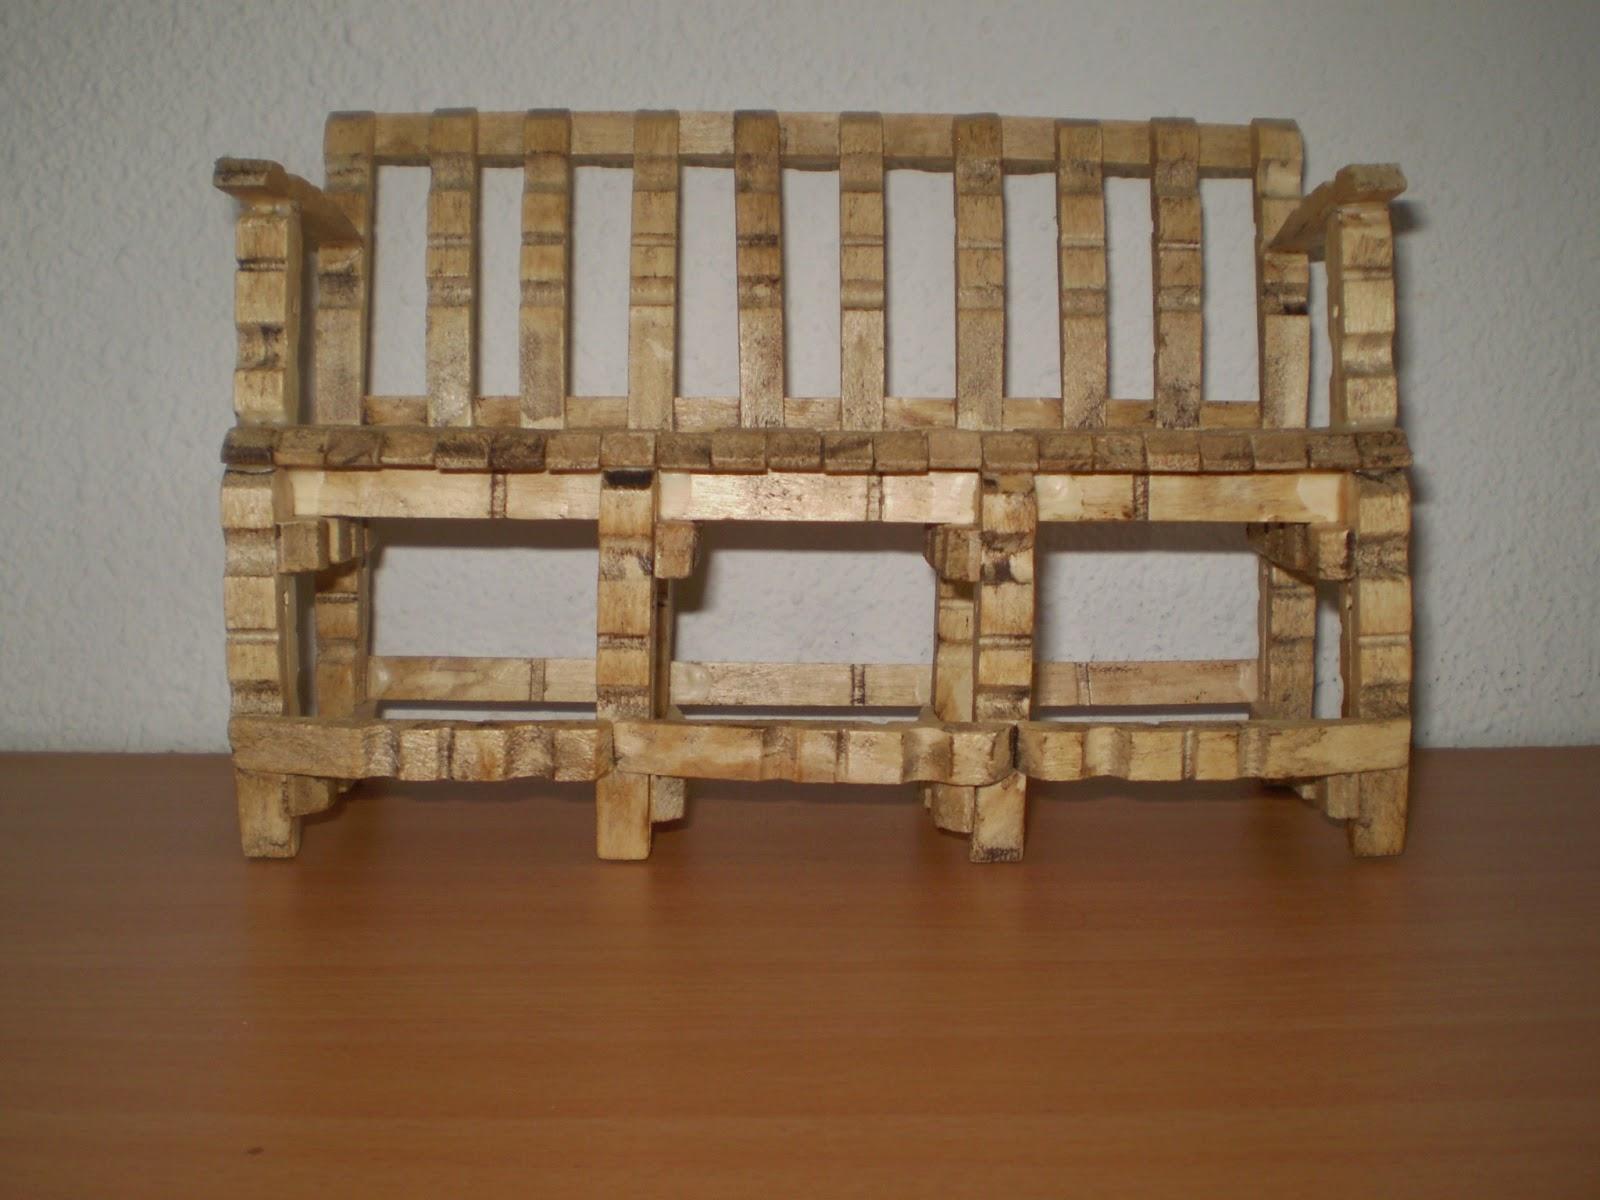 Manualidades y restauraciones manualidades con pinzas de for Manualidades de muebles